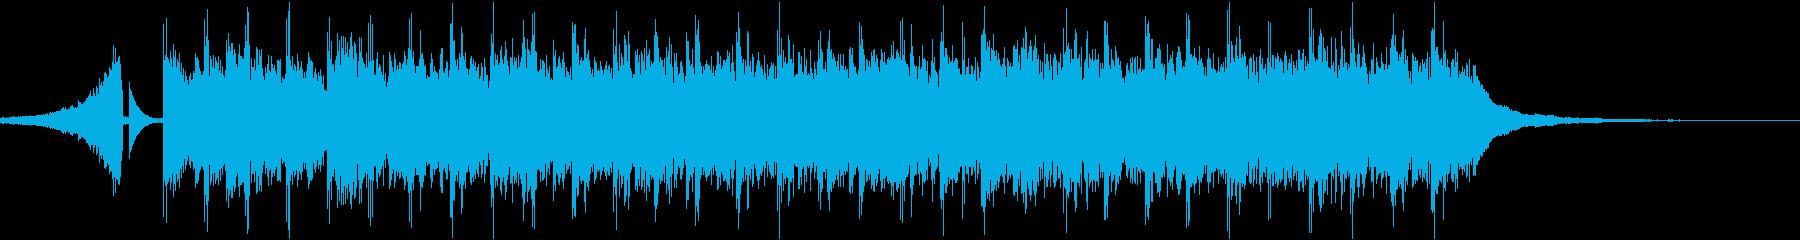 予告などに使えるポップなシンセの短い曲の再生済みの波形